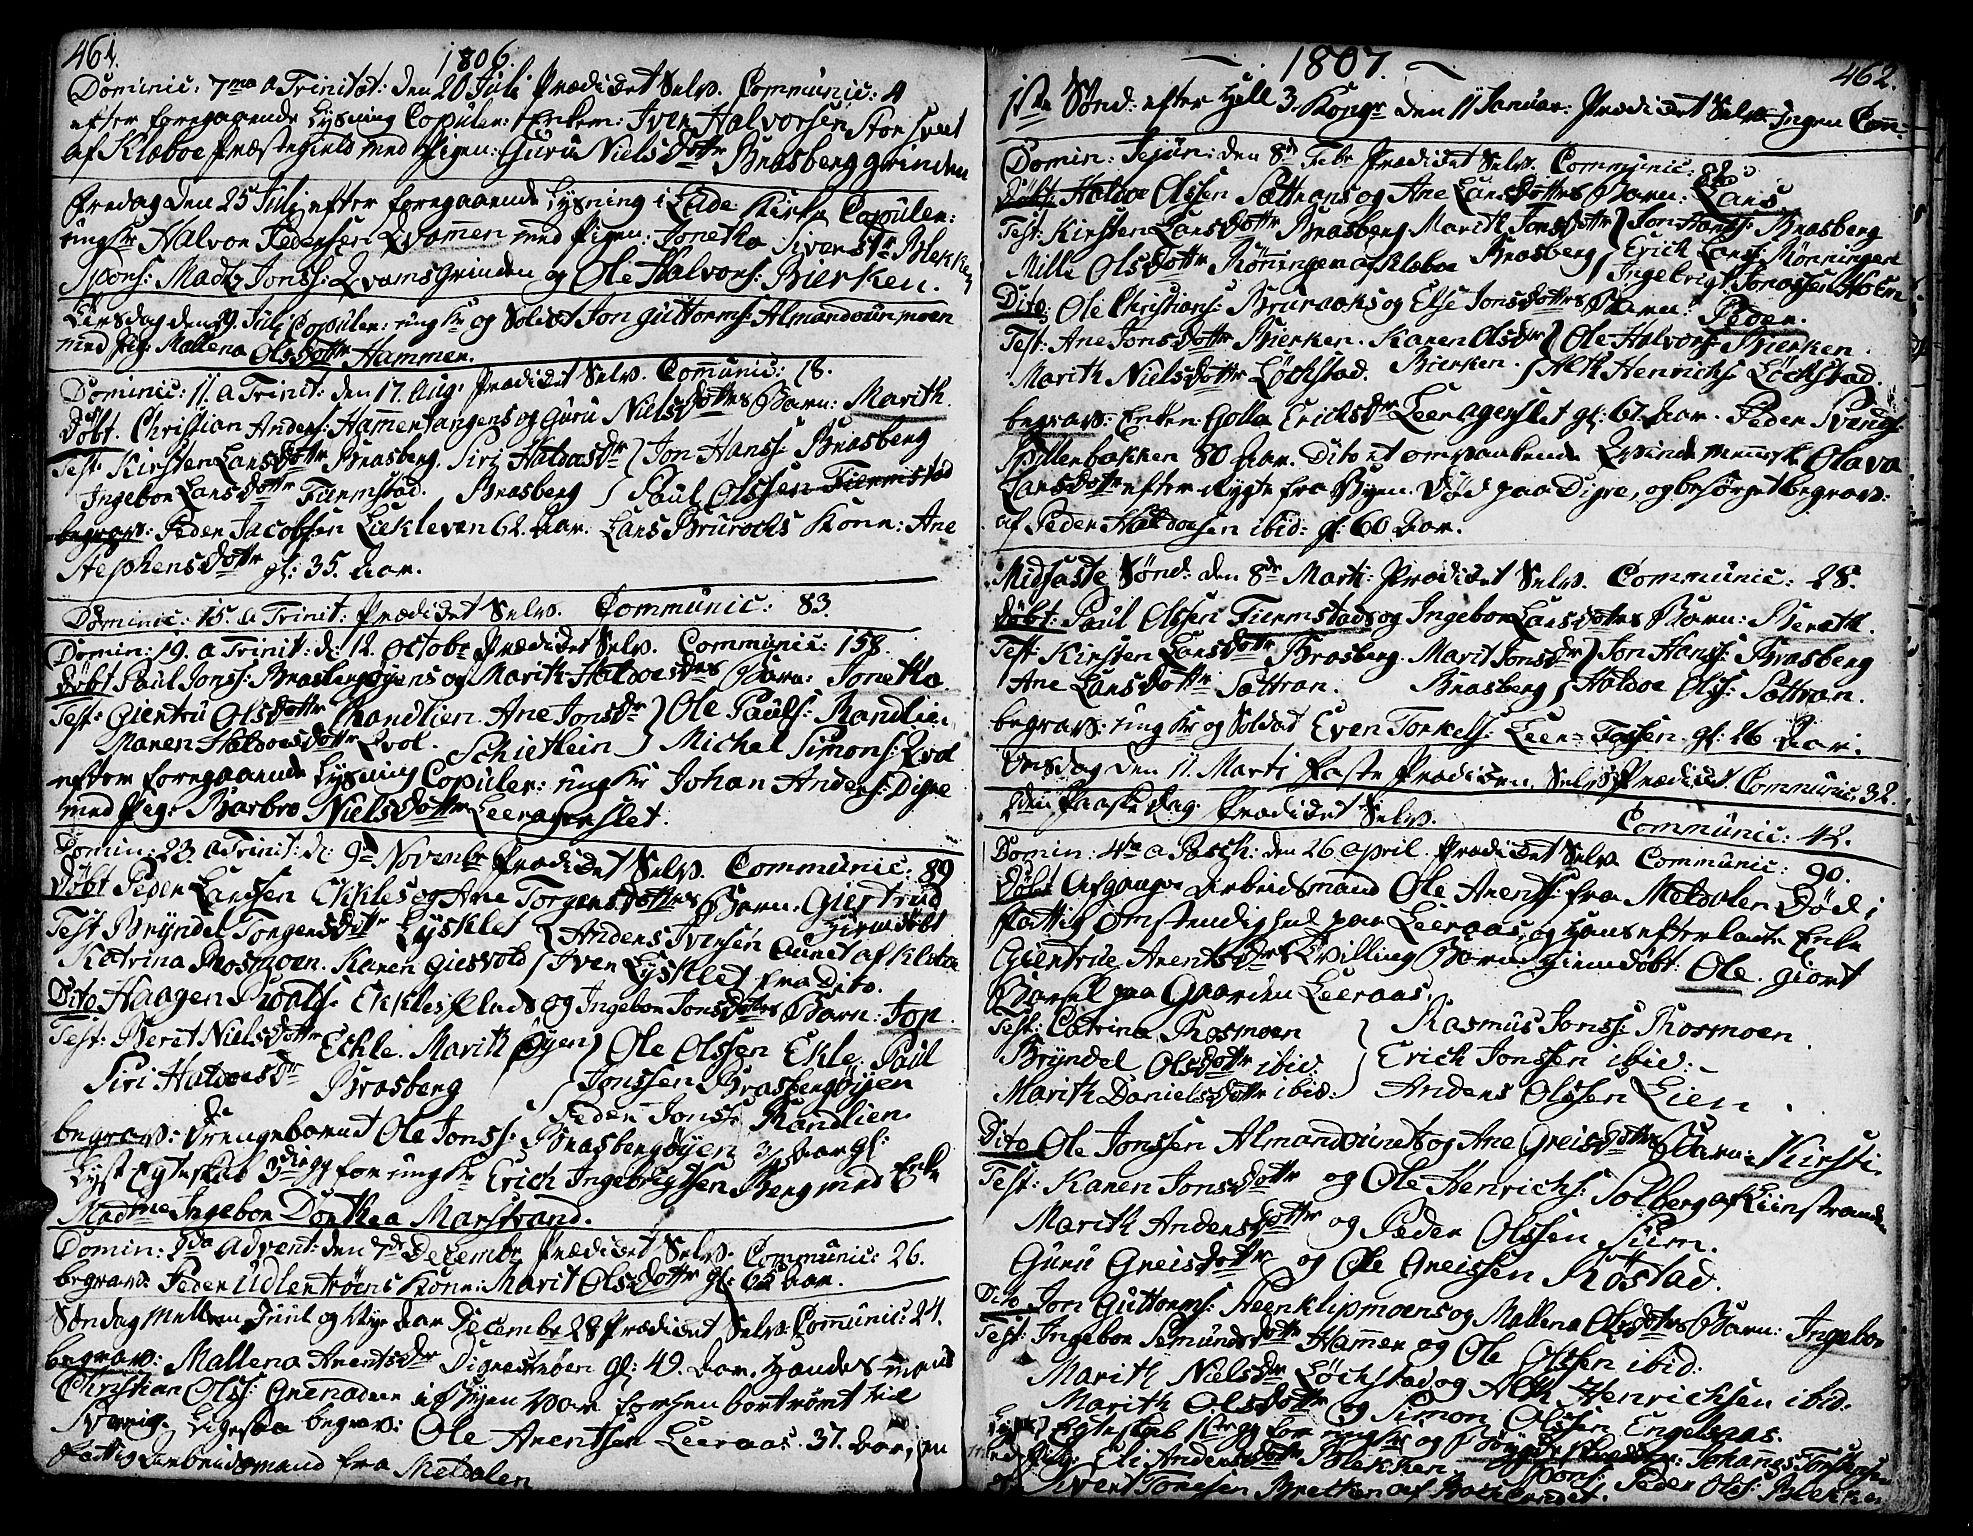 SAT, Ministerialprotokoller, klokkerbøker og fødselsregistre - Sør-Trøndelag, 606/L0282: Ministerialbok nr. 606A02 /3, 1781-1817, s. 461-462